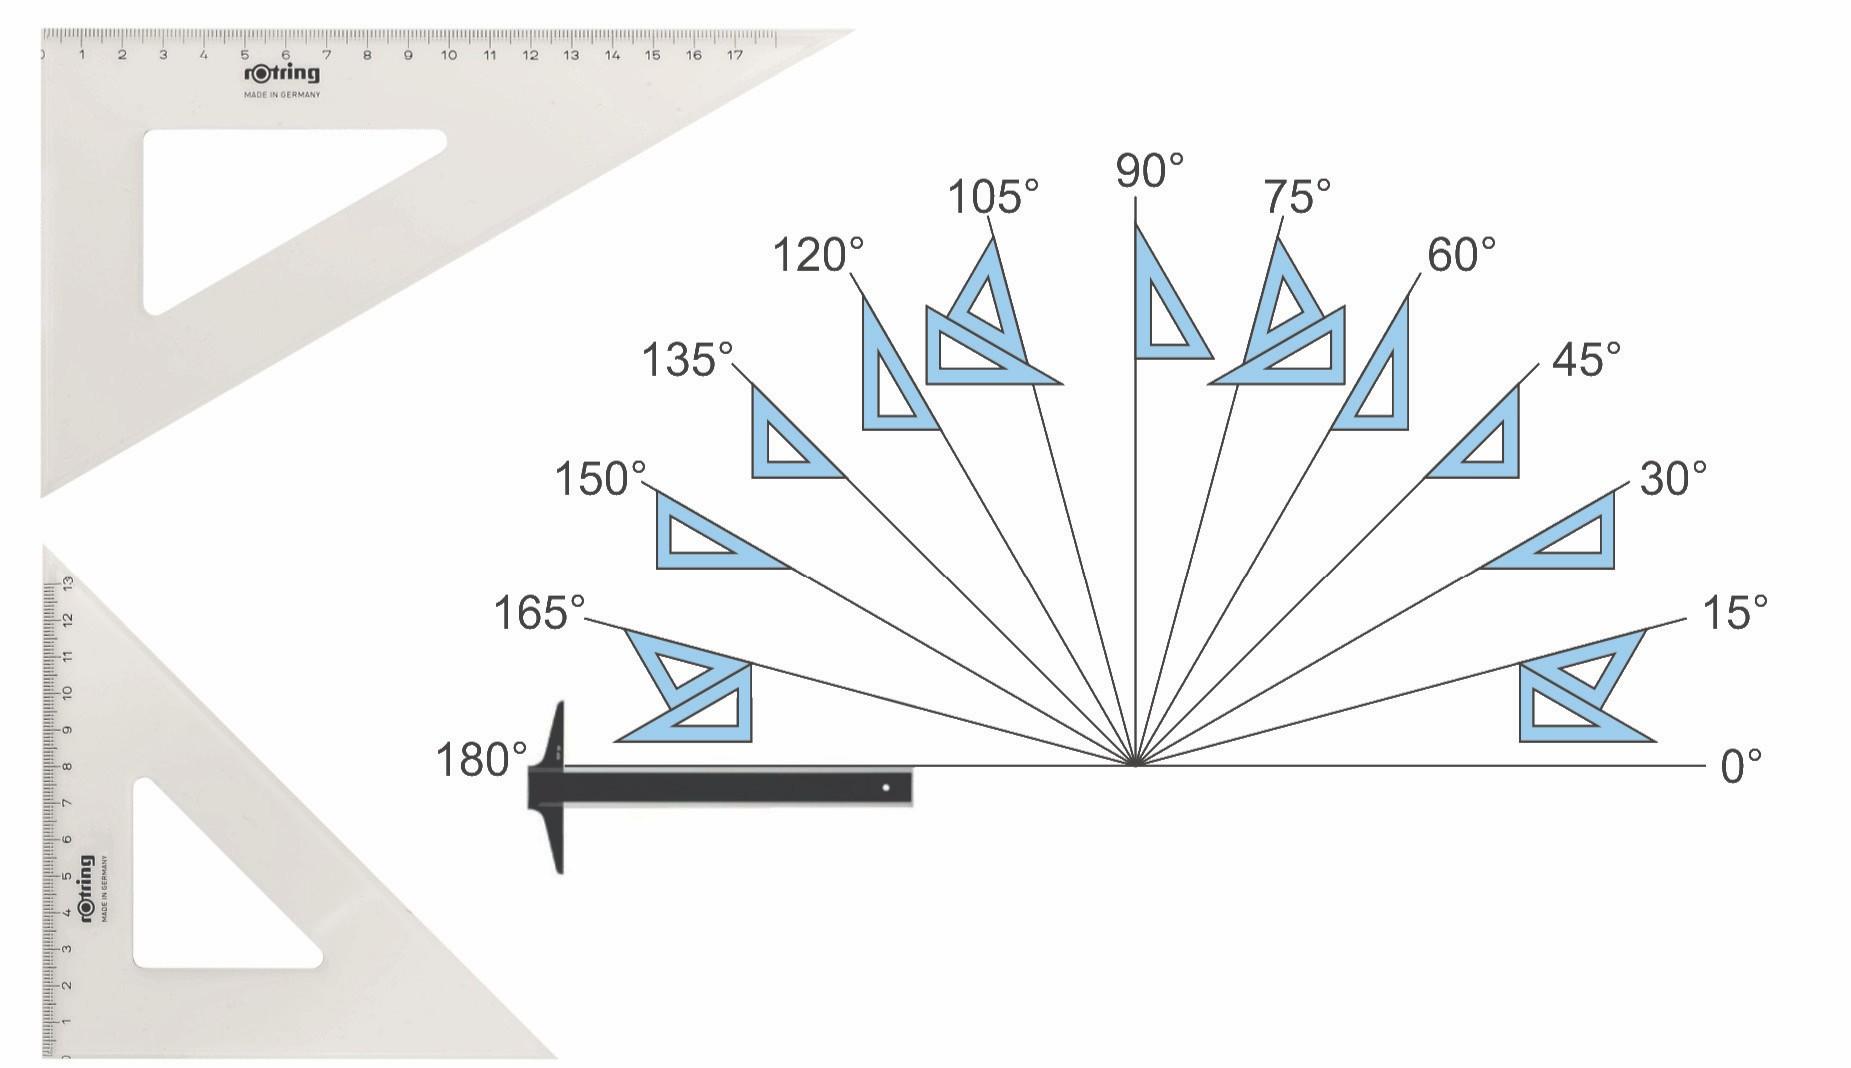 Σχήμα 3.9: Σετ τριγώνων και συνδυασμός αυτών για καθορισμό γωνιών.